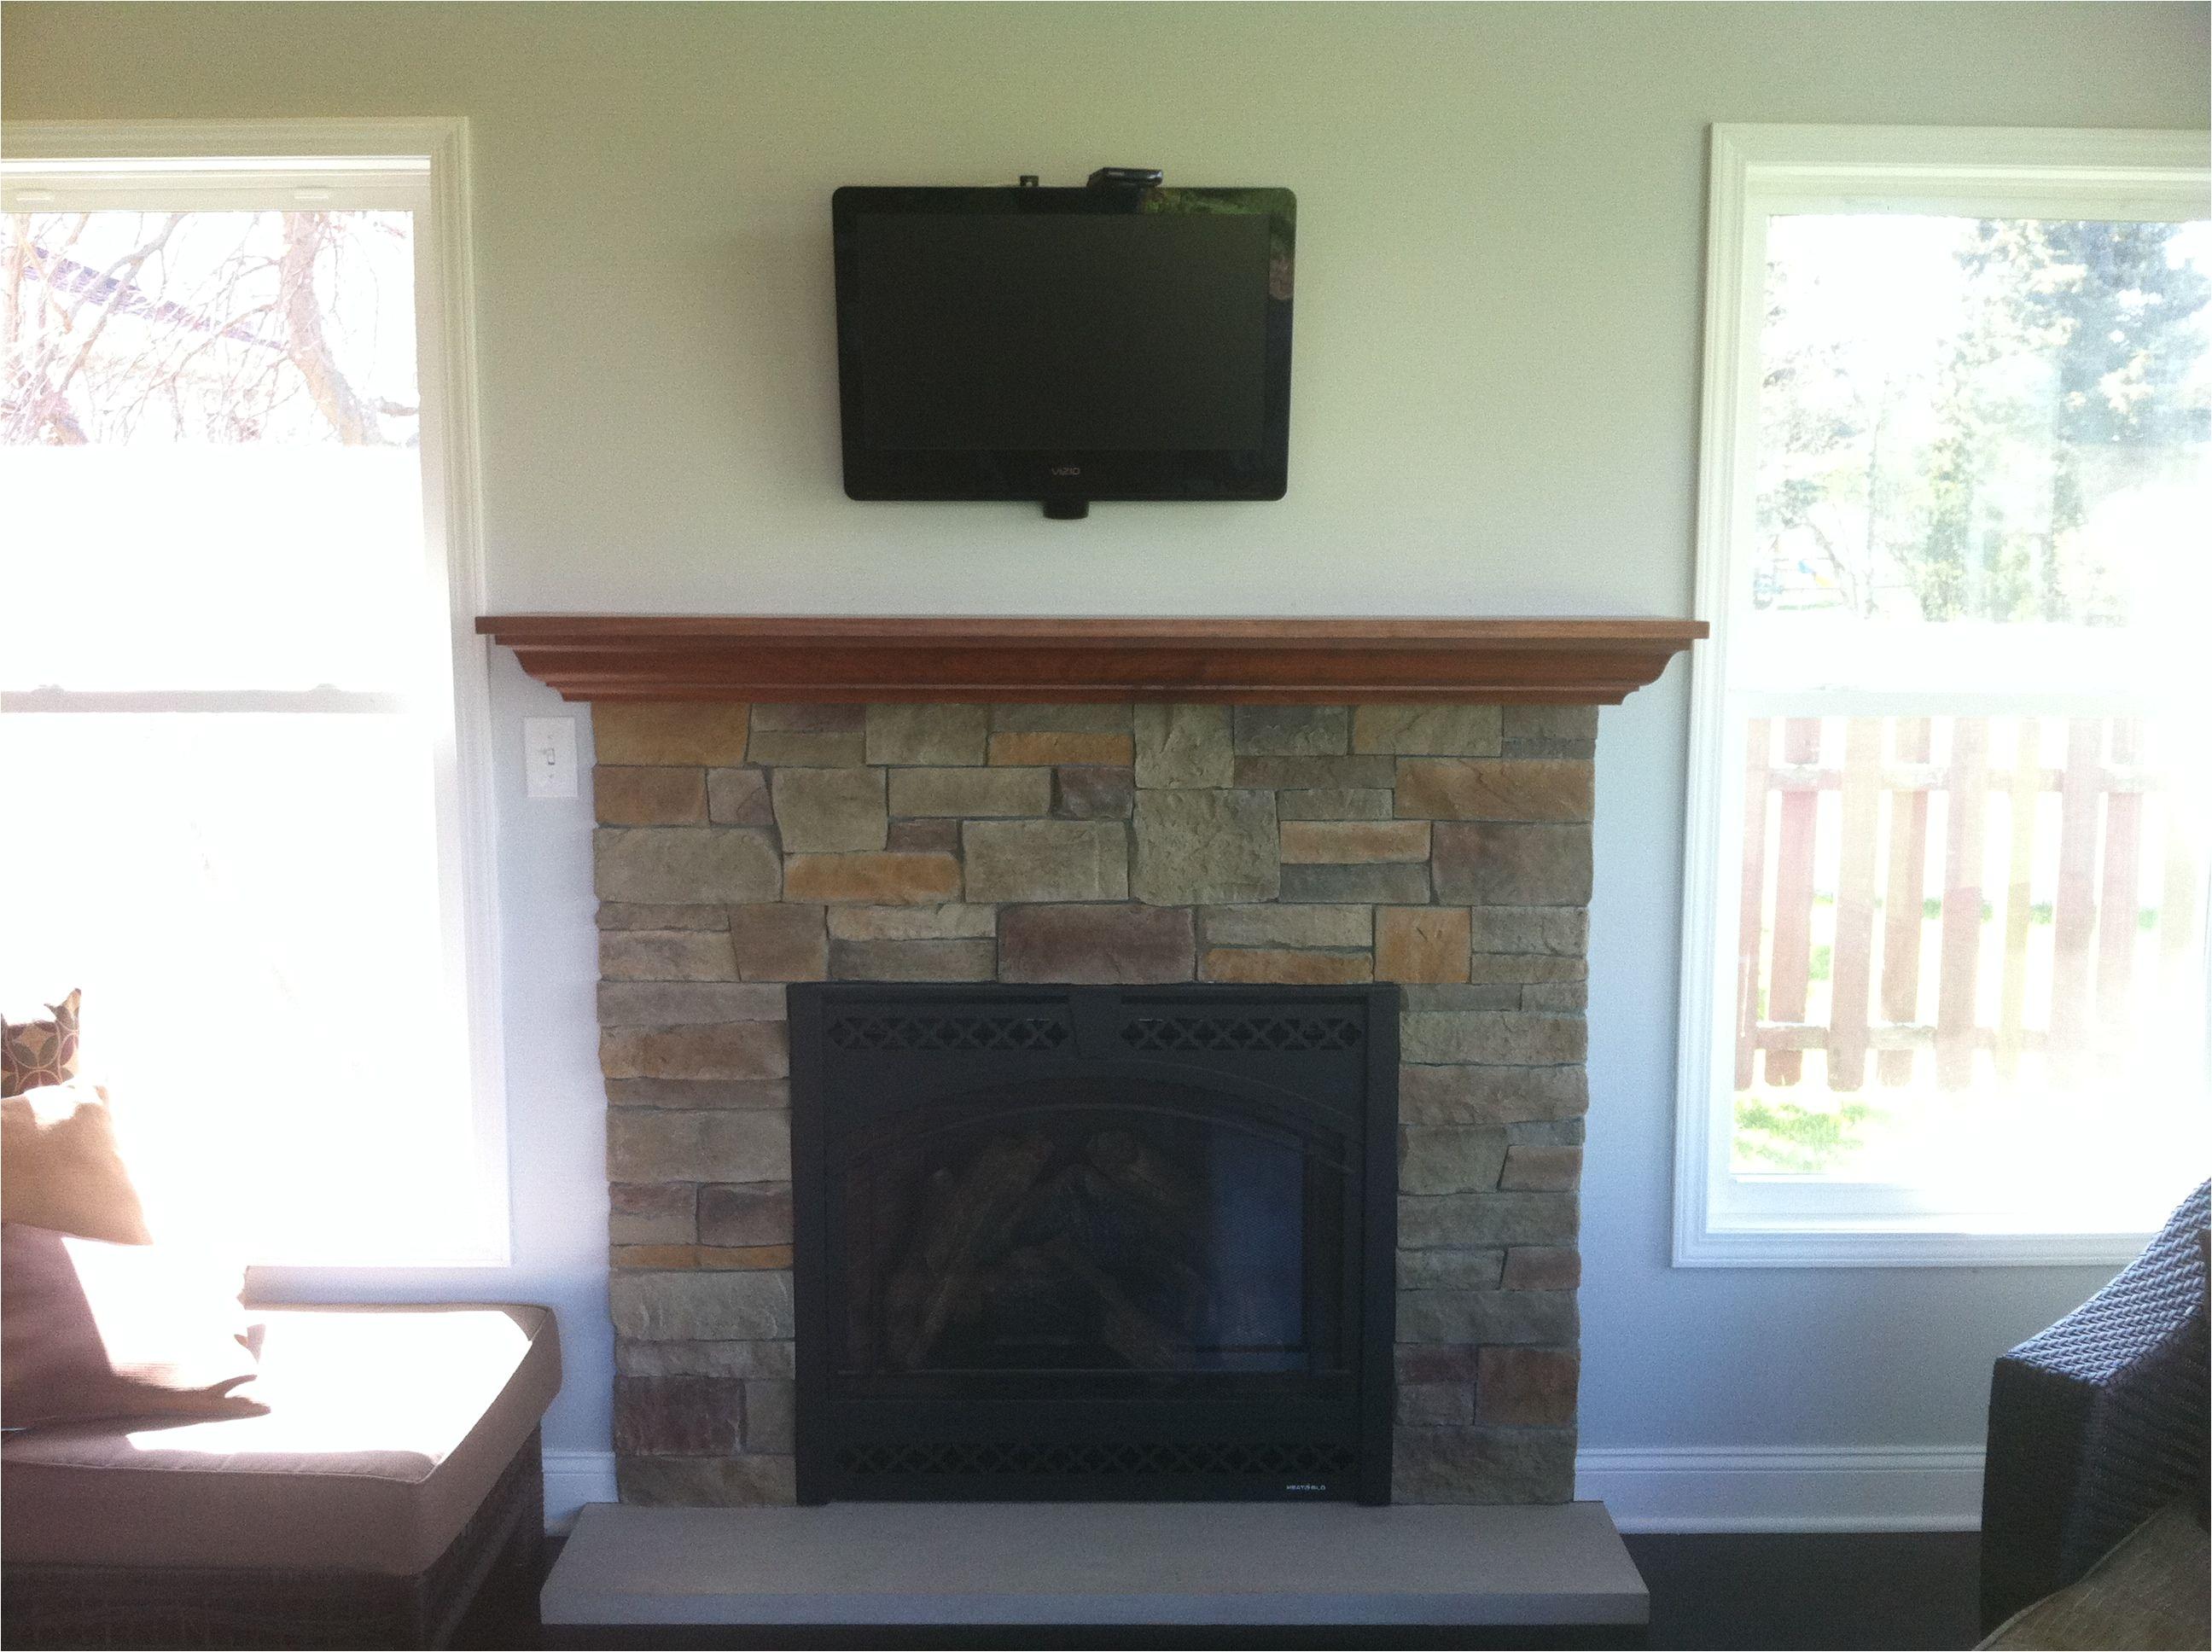 gas fireplace insert custom maple mantel fieldstone fireplace reface limestone hearth